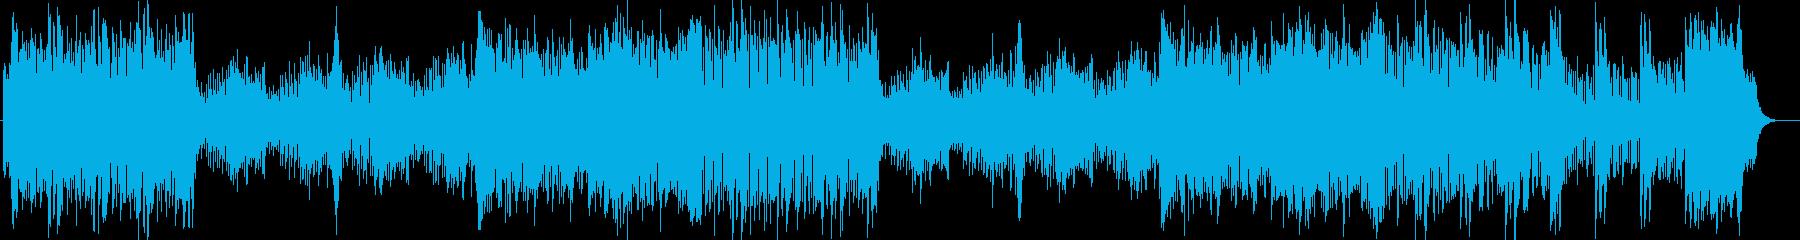 テーマパーク風オーケストラ曲の再生済みの波形